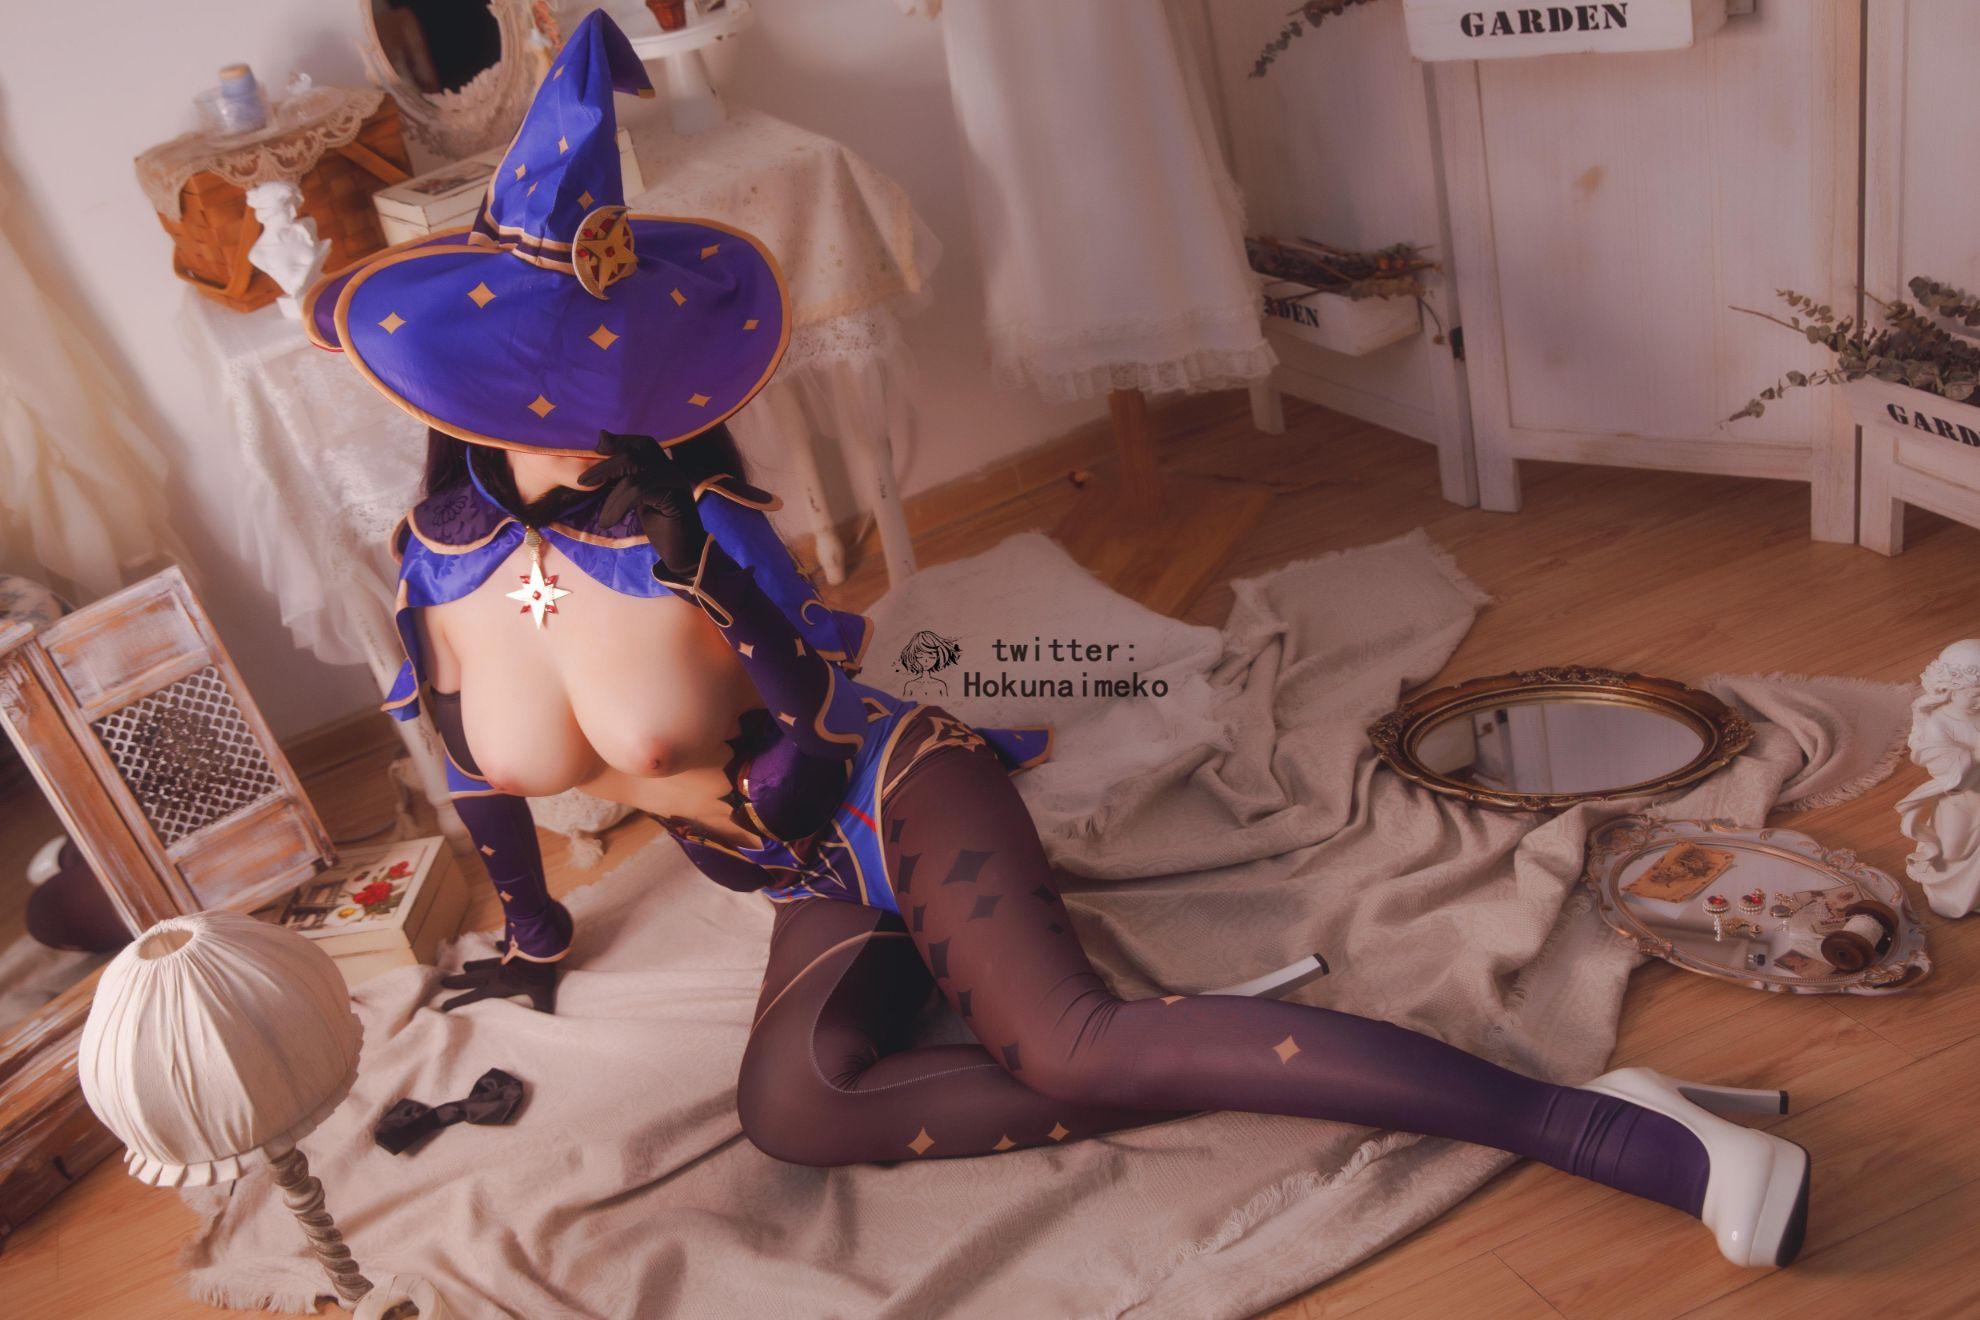 GenshinImpact Mona EroCosplay by Hokunaimeko 3